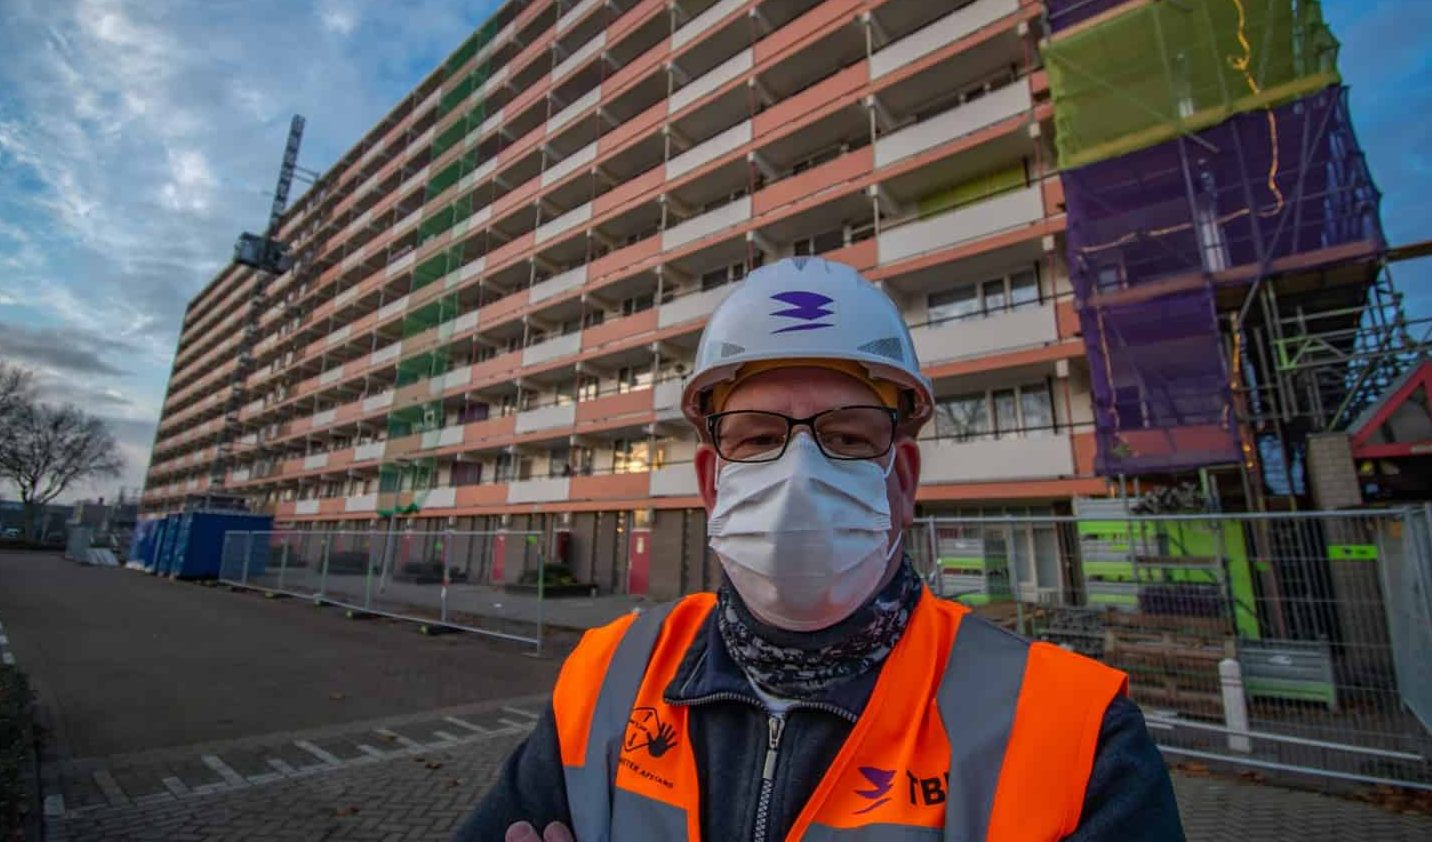 'Iedereen verdient een kans op de arbeidsmarkt'